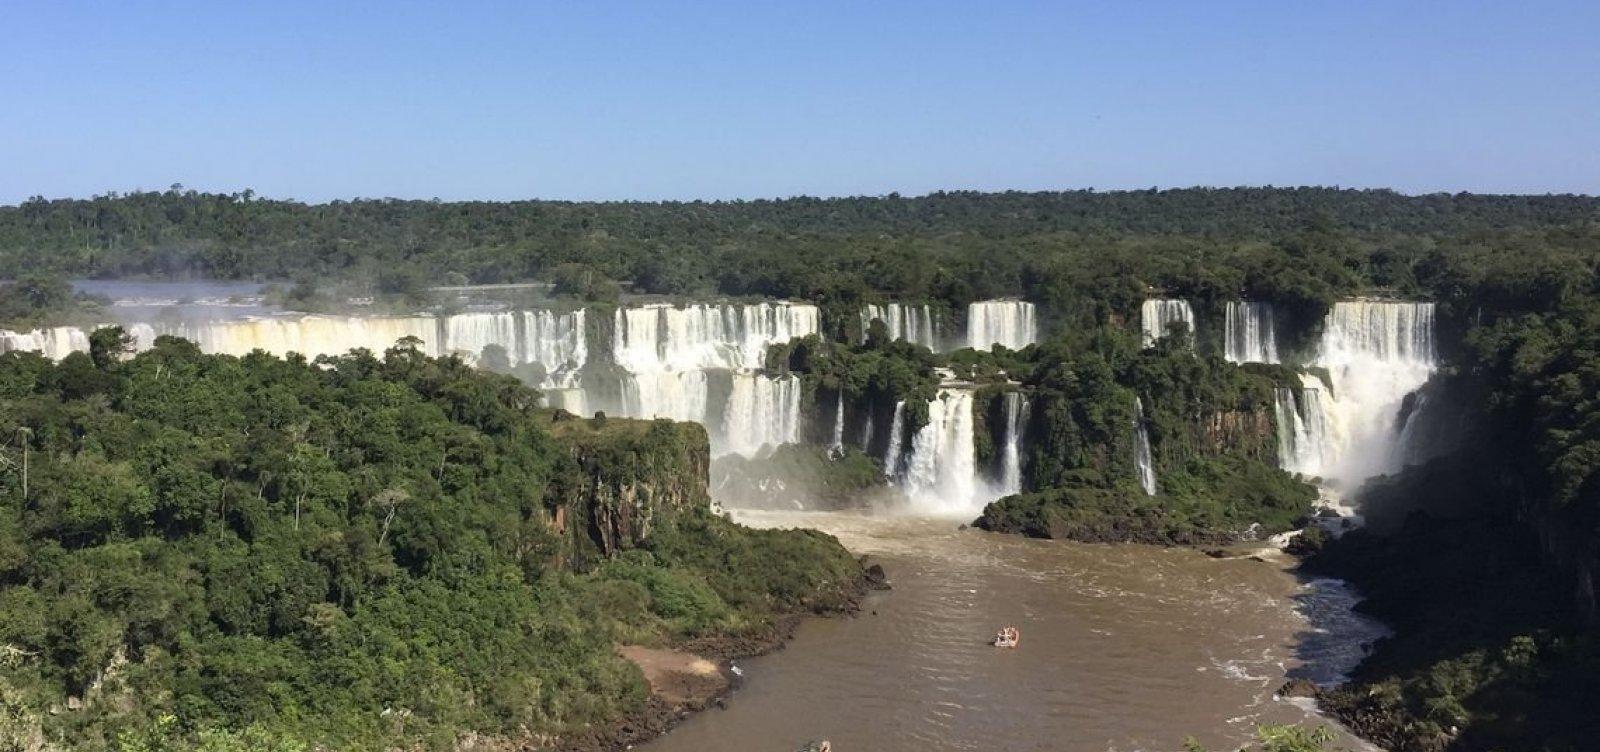 Decreto do governo encaminha privatização de parques nacionais